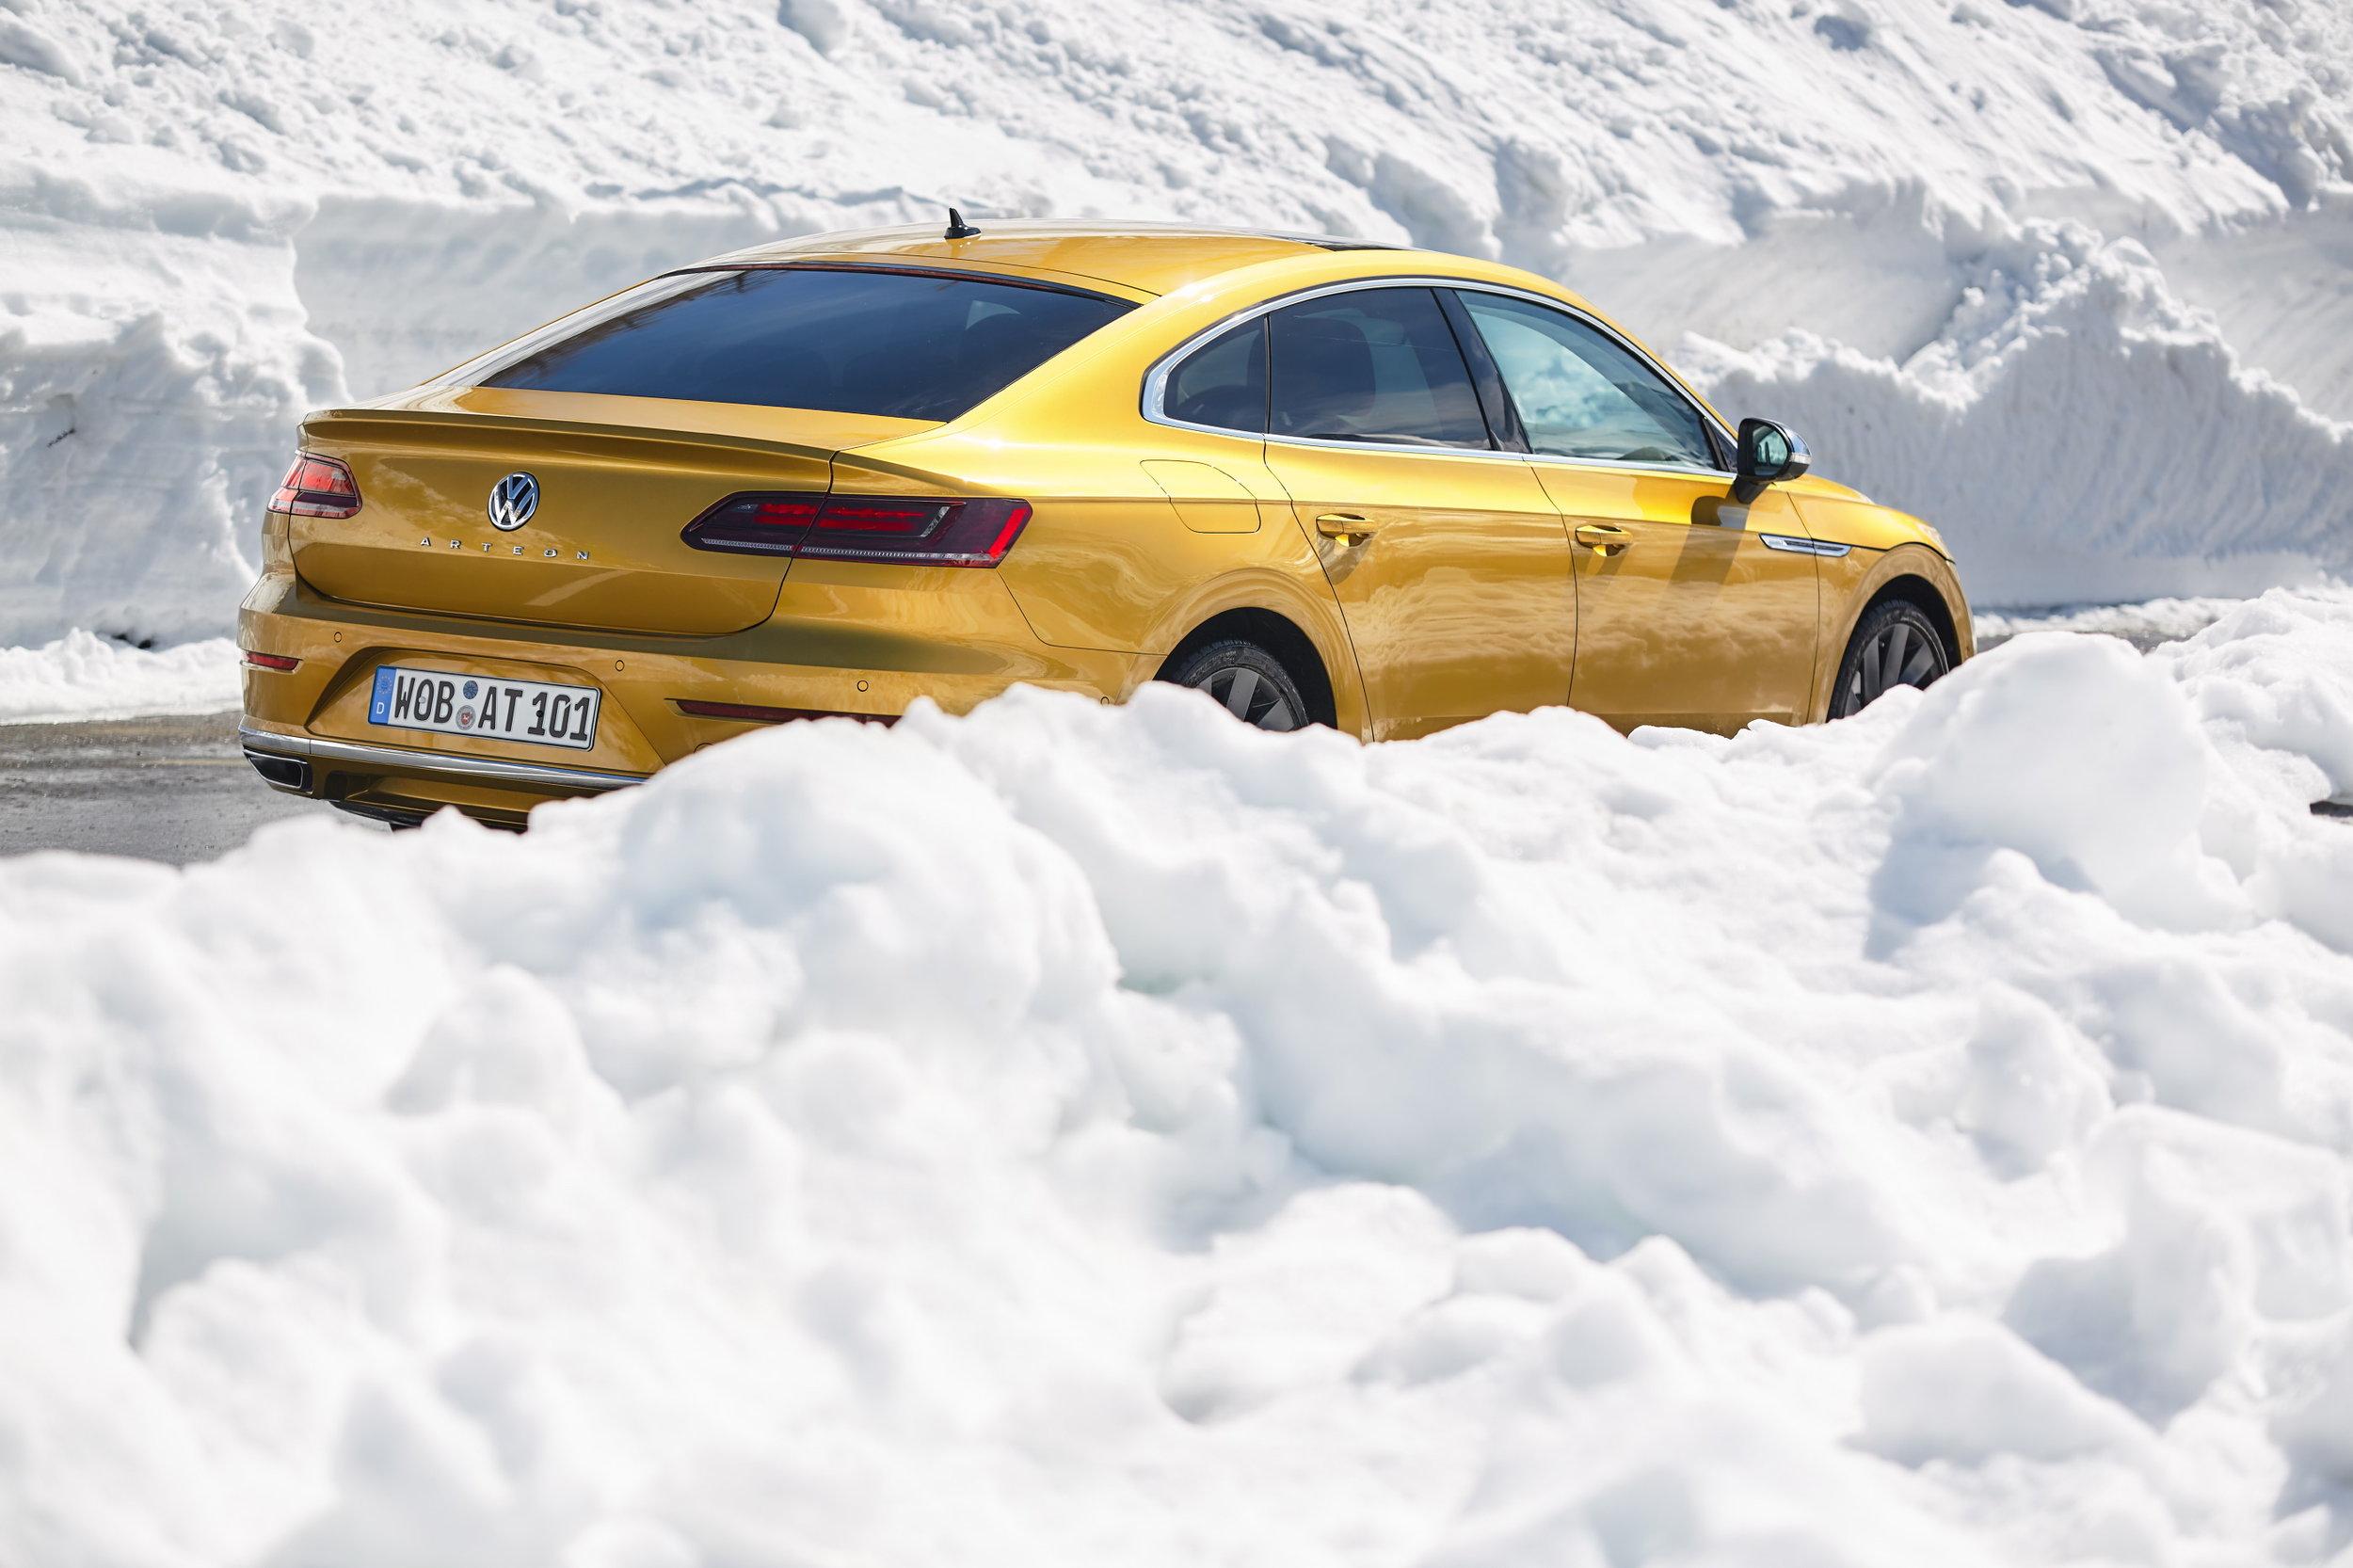 VW_Wintershoot_GG_Arteon06.JPG